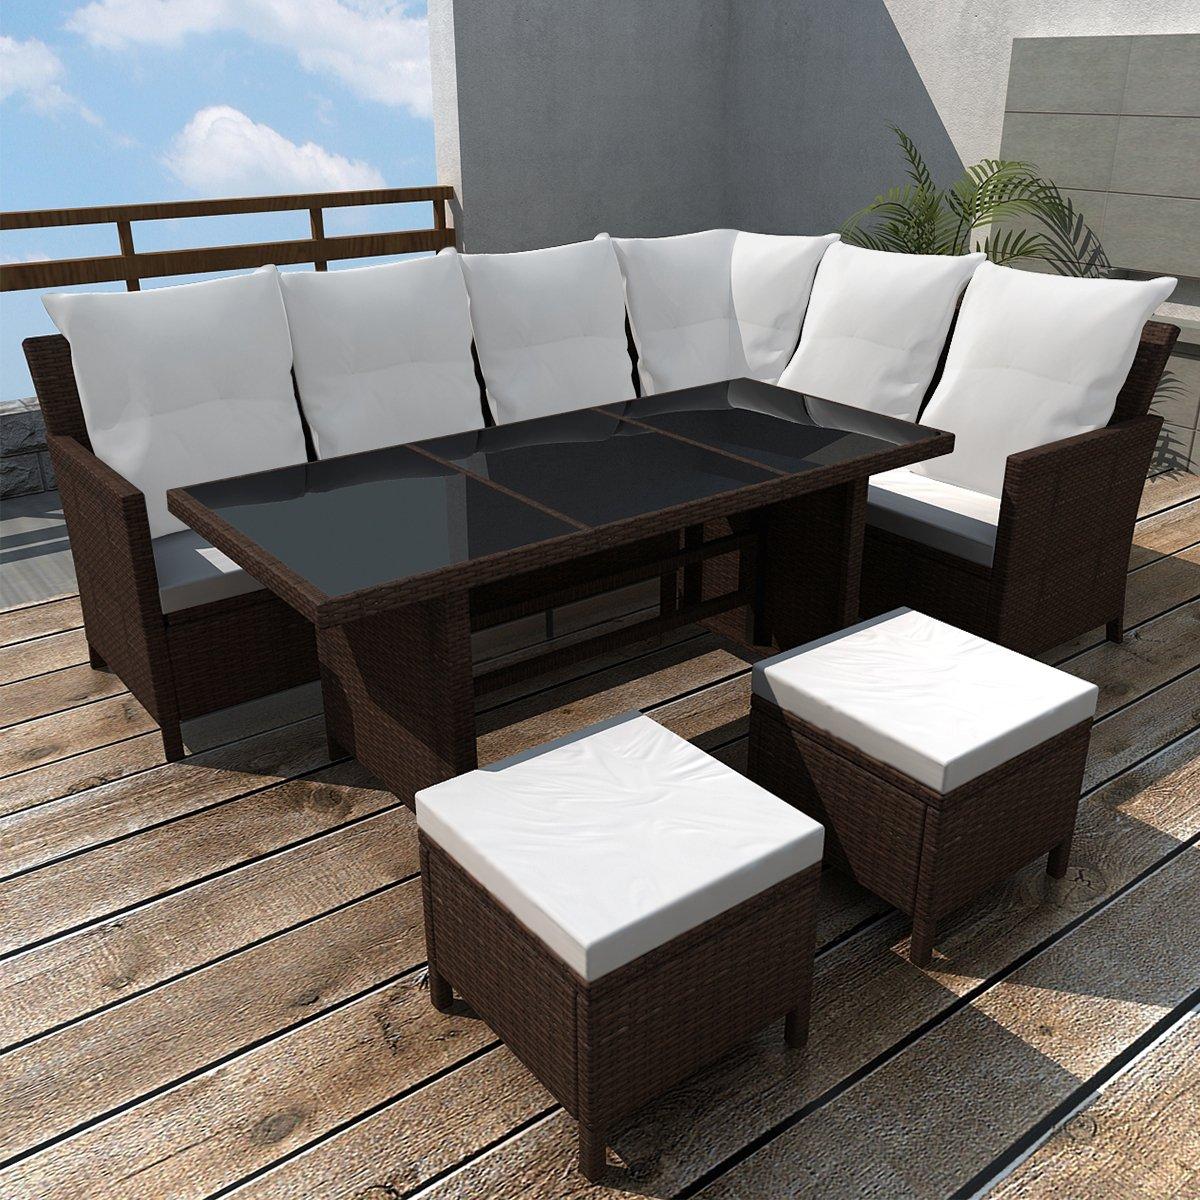 SSITG Poly Rattan Gartenmöbel Gartenset 8 Personen Lounge ...